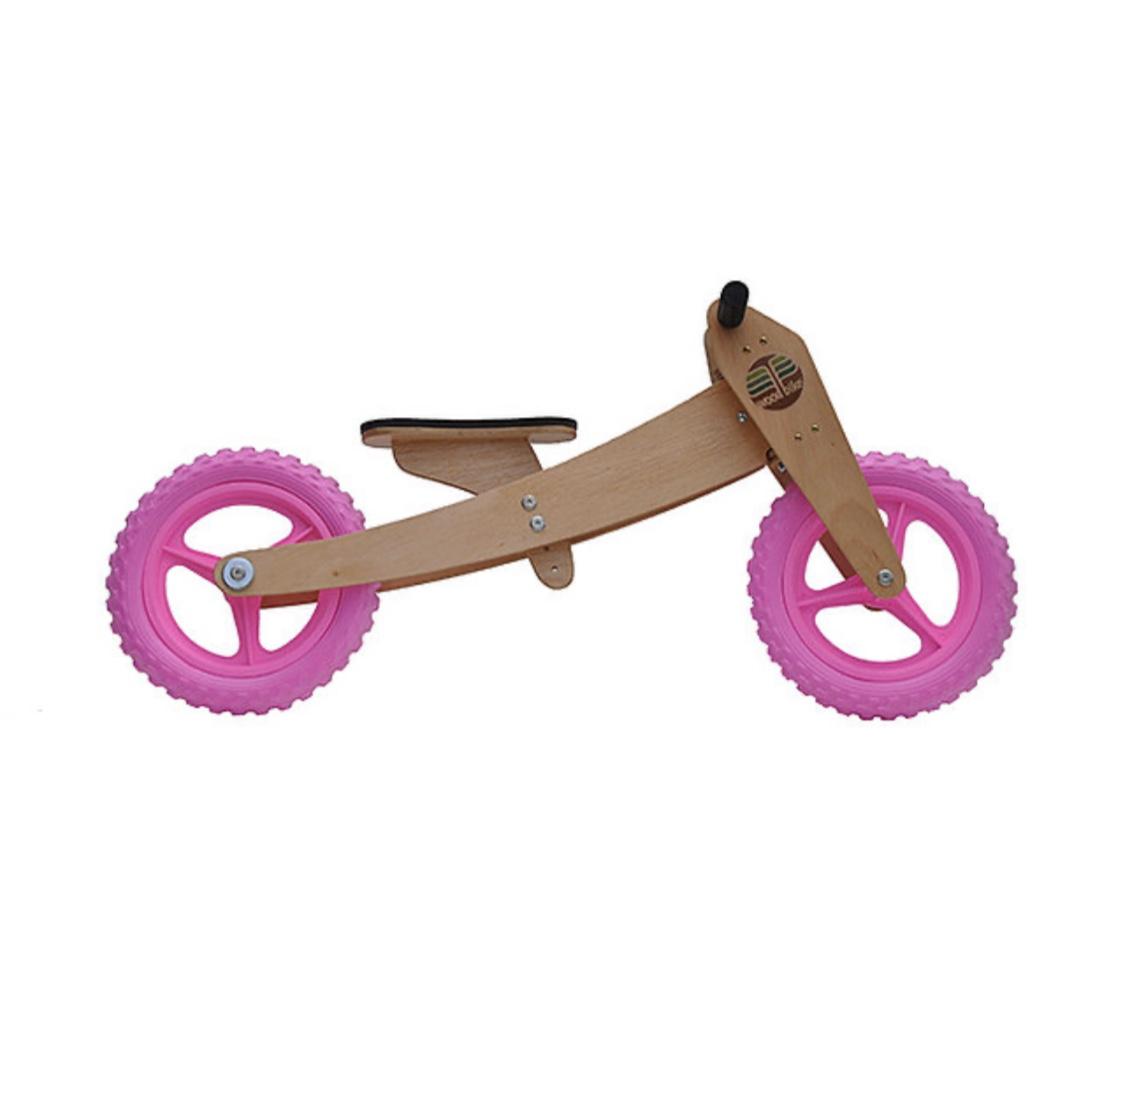 Bicicleta de Madeira 2-em-1 Rosa  - Woodbike